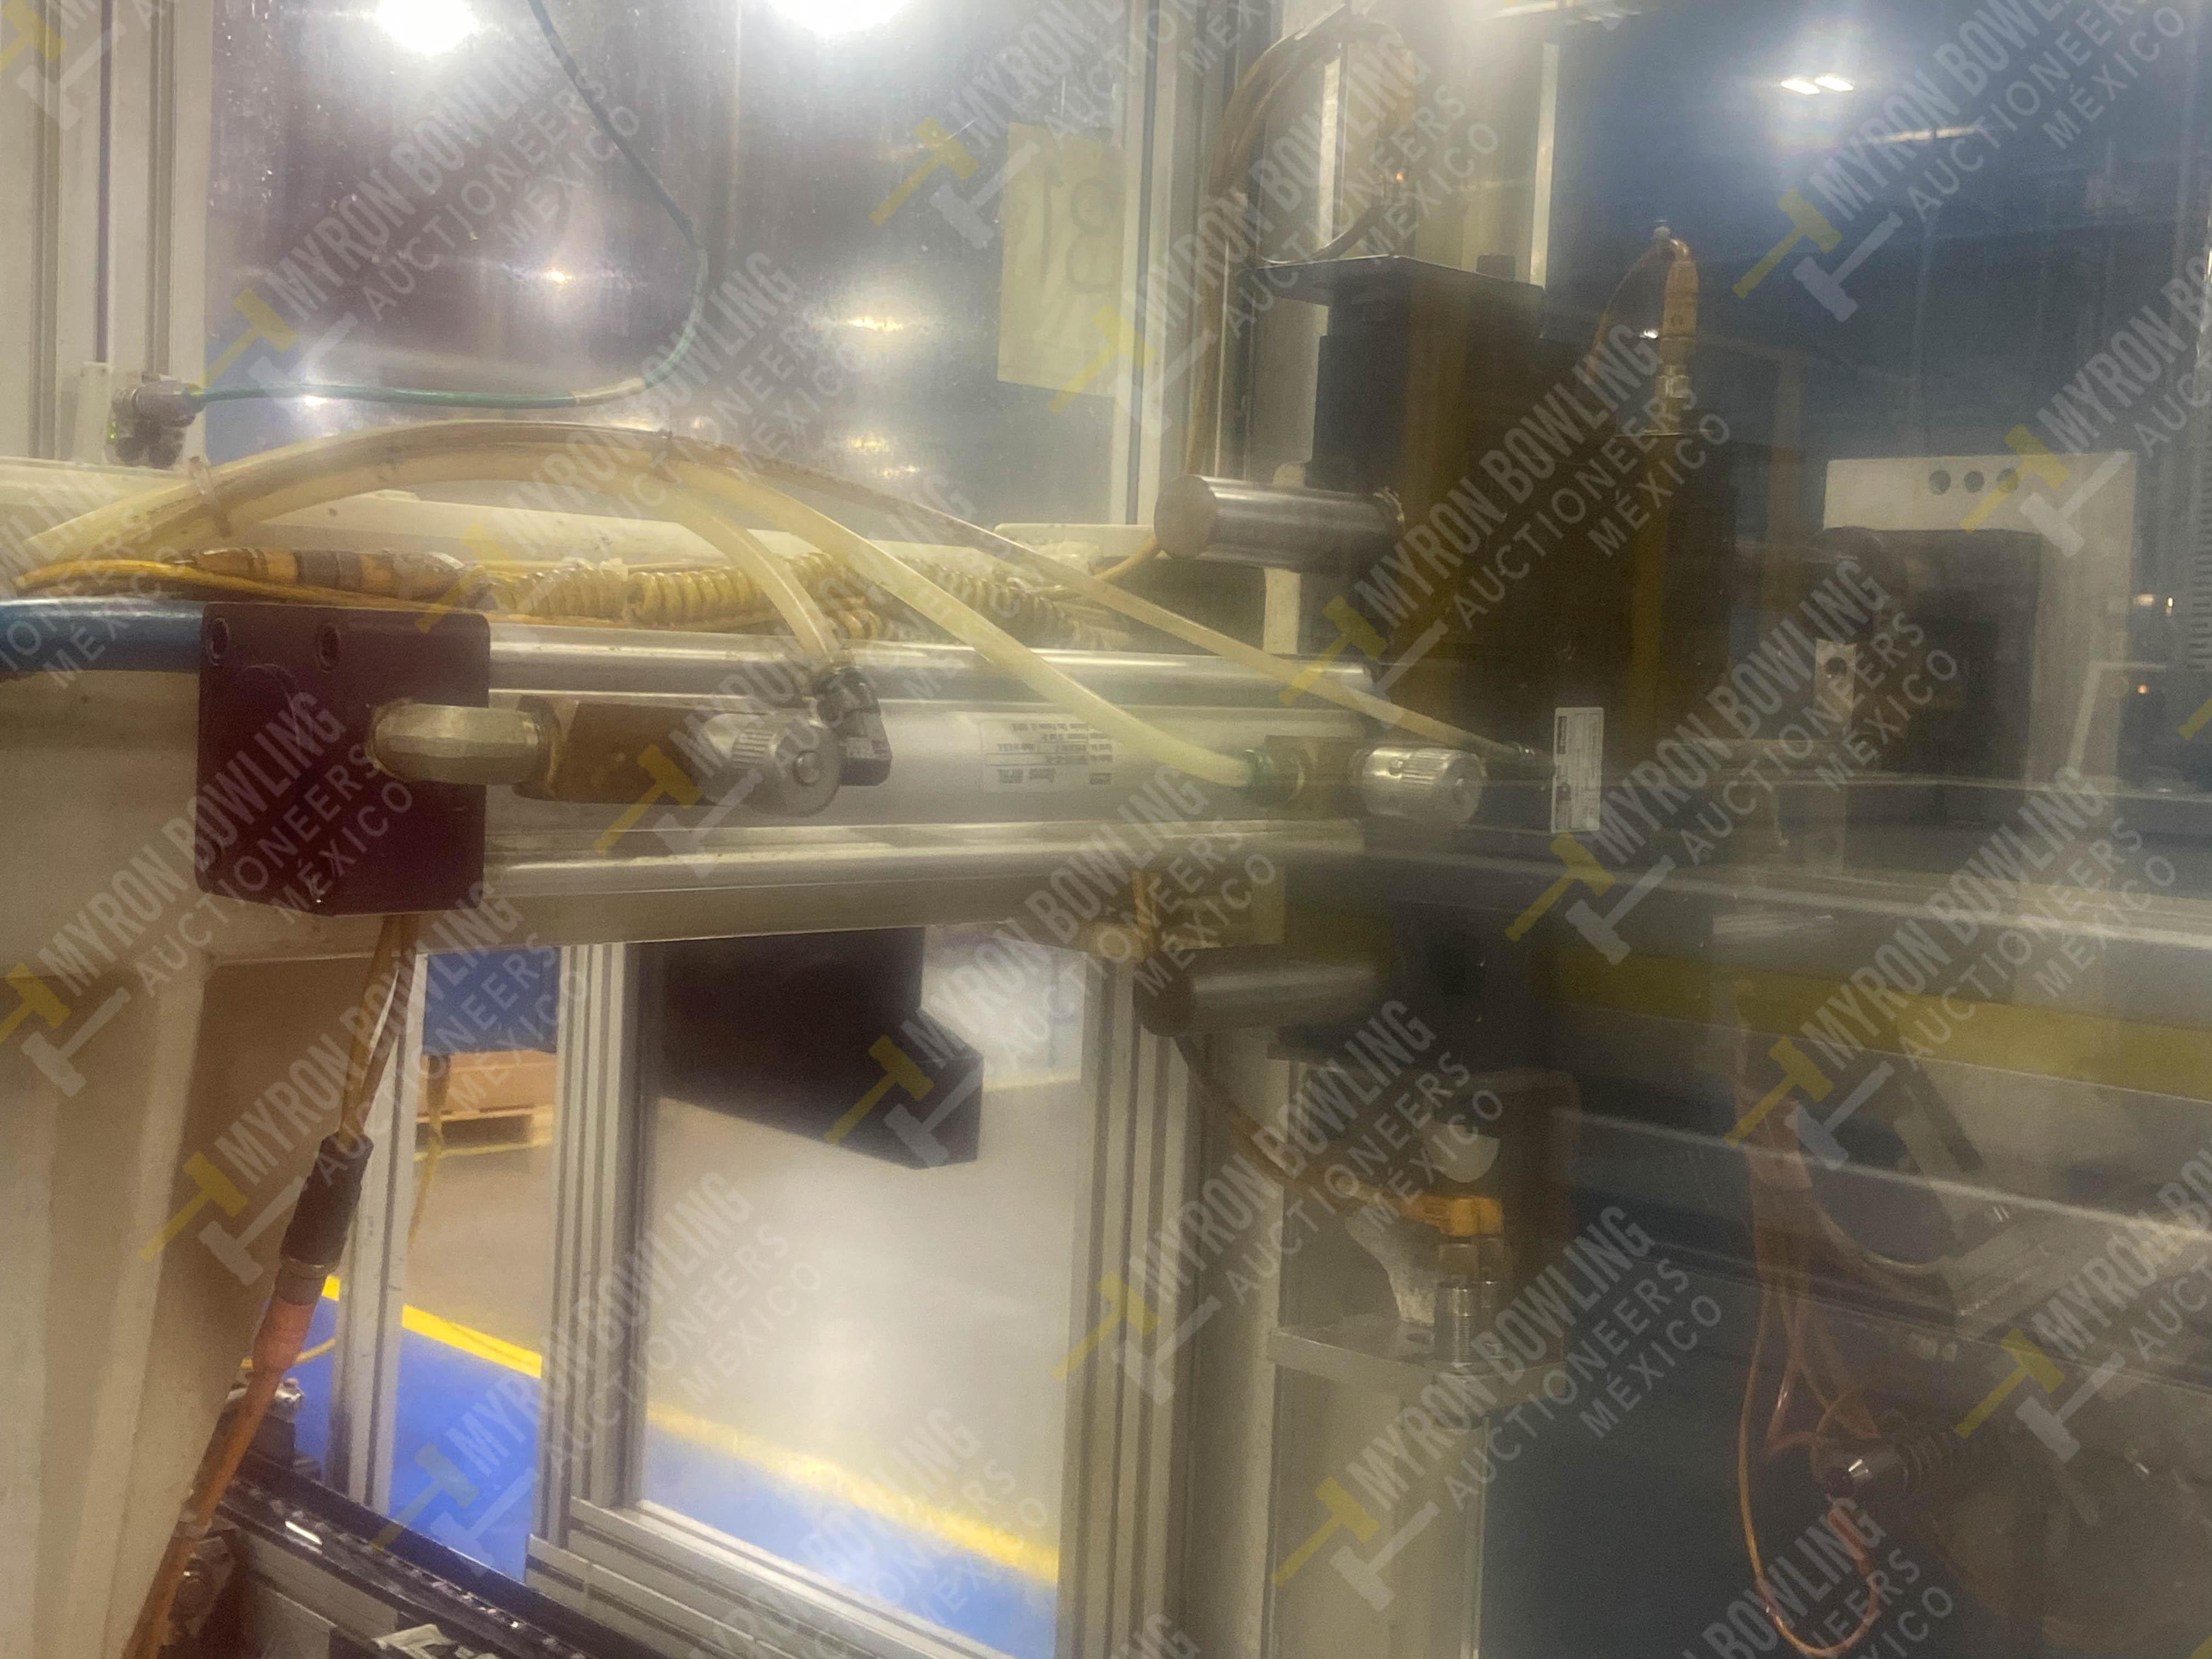 Estación semiautomática para operación 416, contiene: Sistema de llenado de aceite - Image 12 of 20